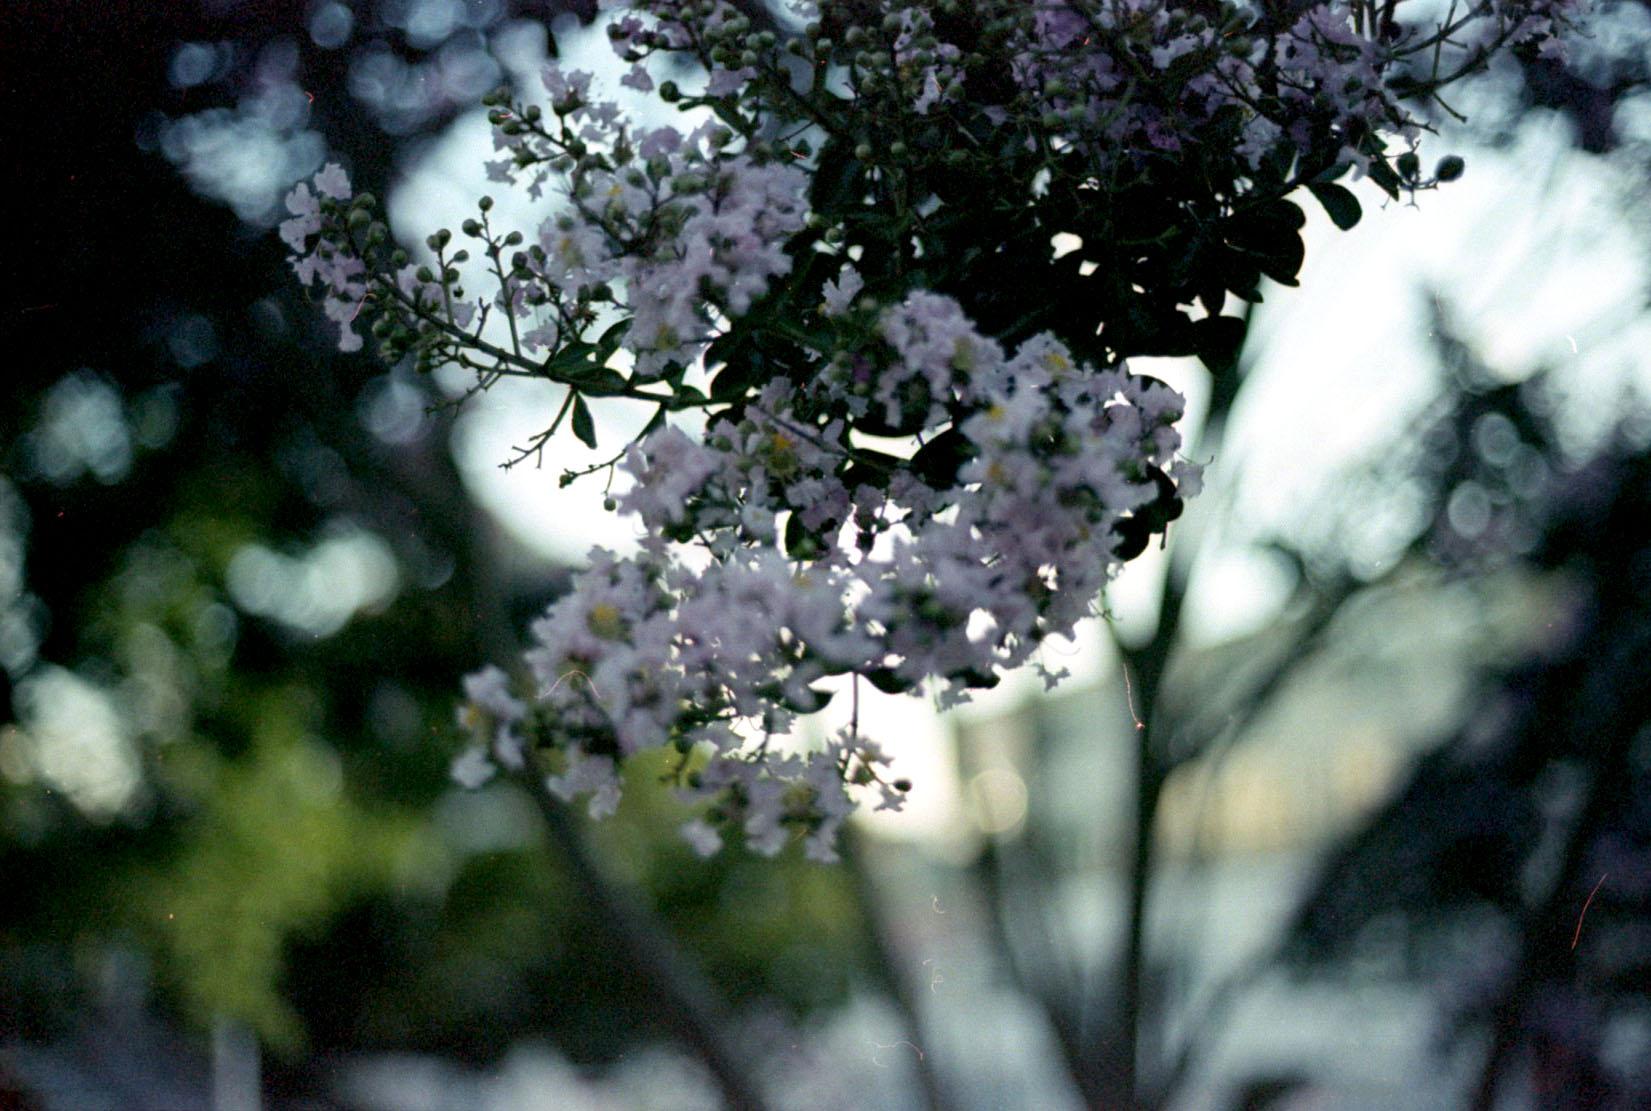 bokeh_blooms_29072102846_o.jpg